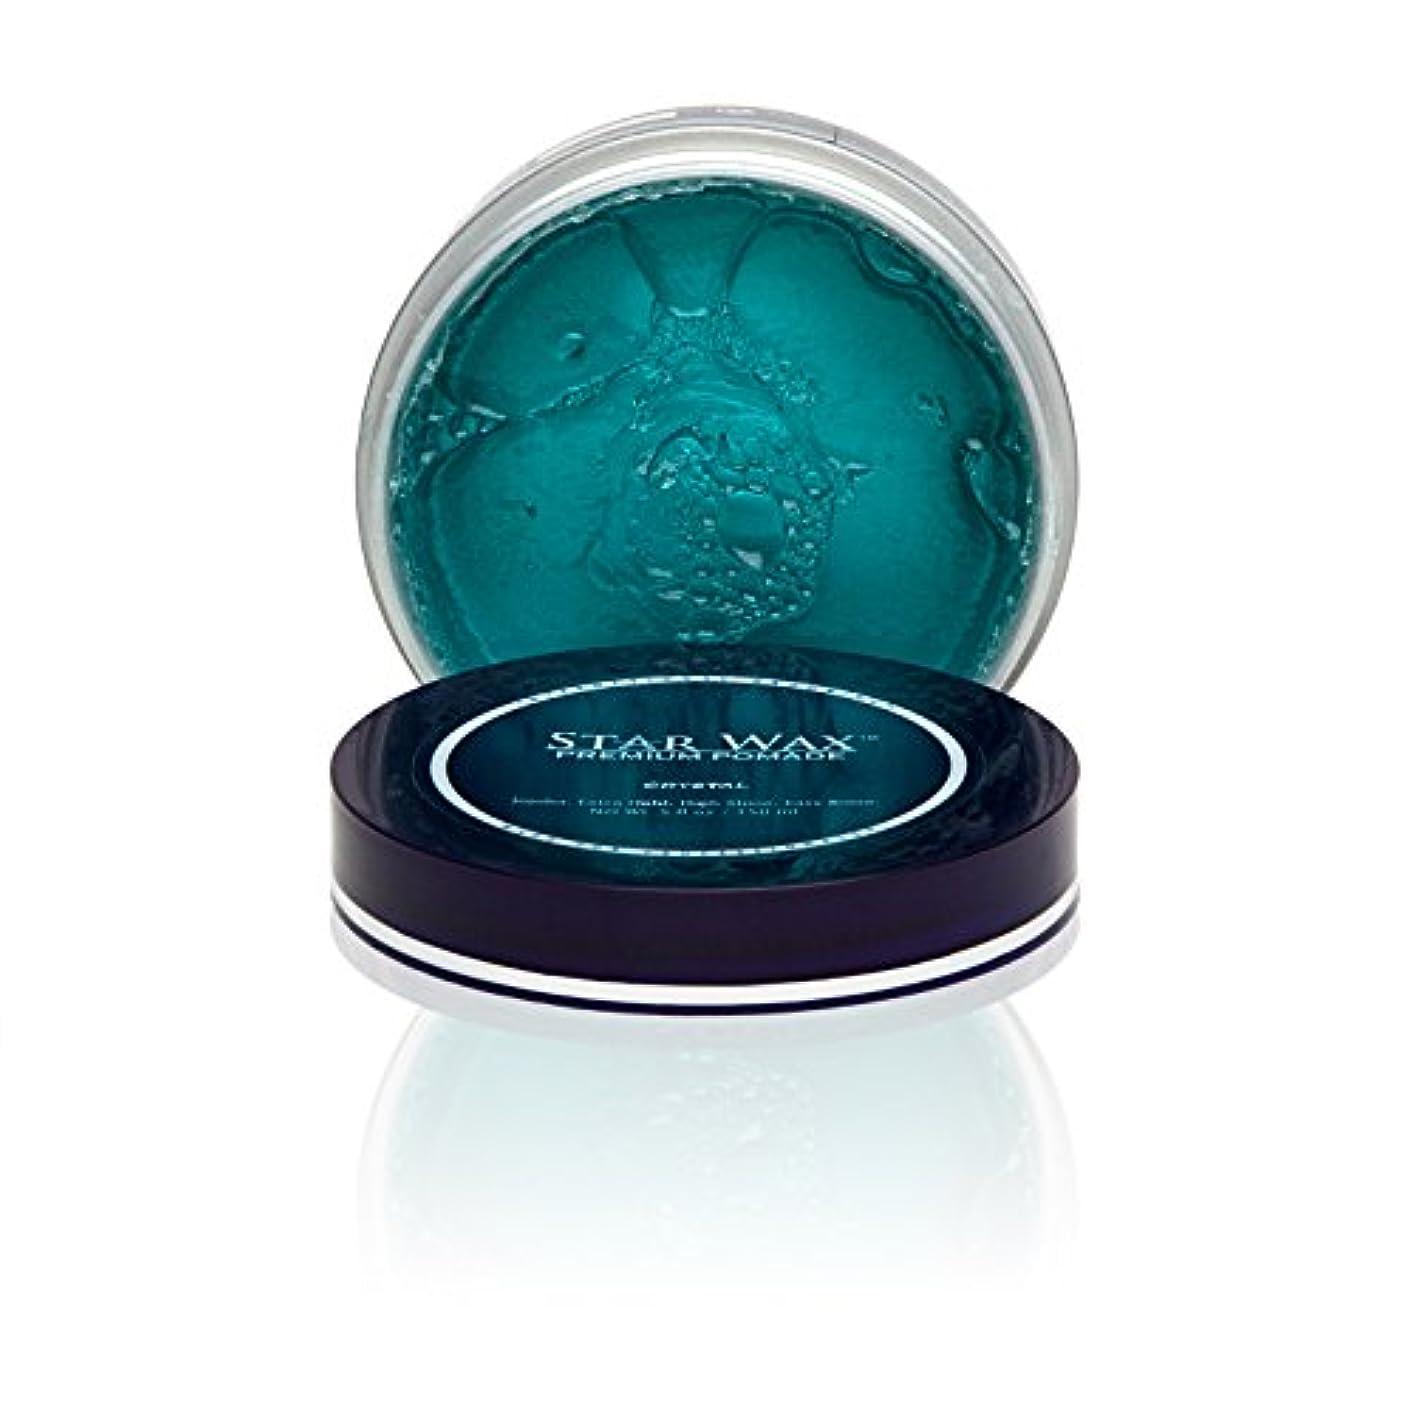 根絶する平行スペイン語Star Wax | Premium Pomade, Crystal(スターワックスプレミアム ポマード「クリスタル」)?Star Pro Line(スタープロライン)製?5(液量)オンス/150ml